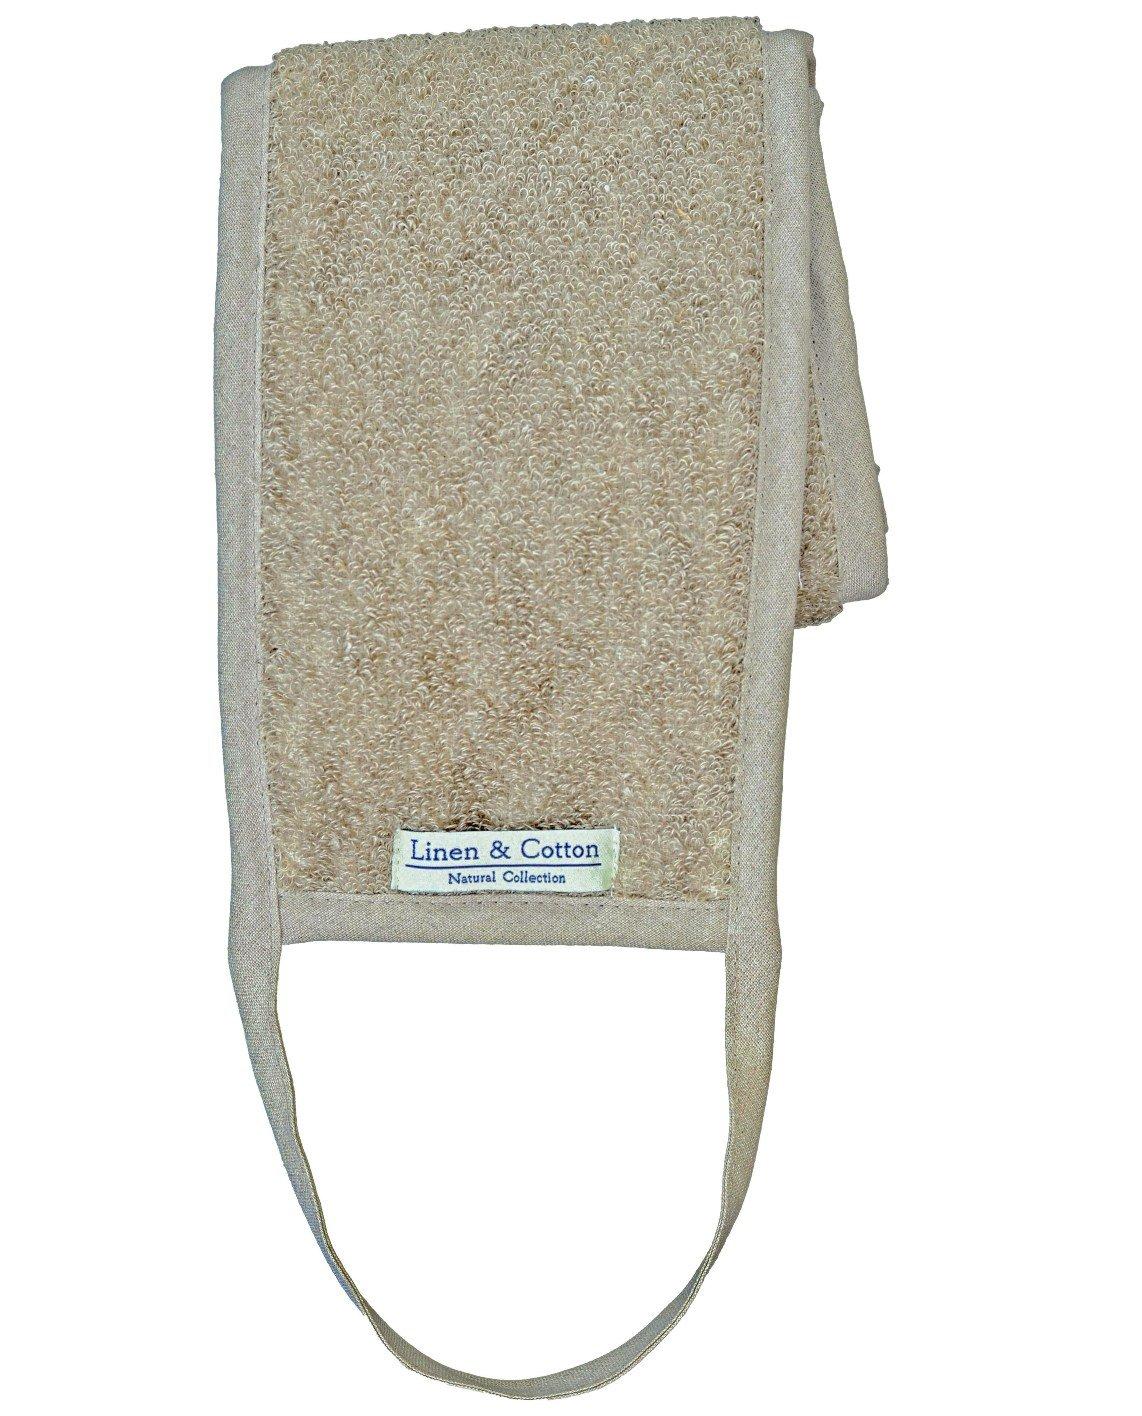 Fascia Esfoliante Per La Schiena in Lino /Cotone Per Il Bagno/ Doccia AIRA - 15 x 70cm ( Naturale) Linen & Cotton LTD